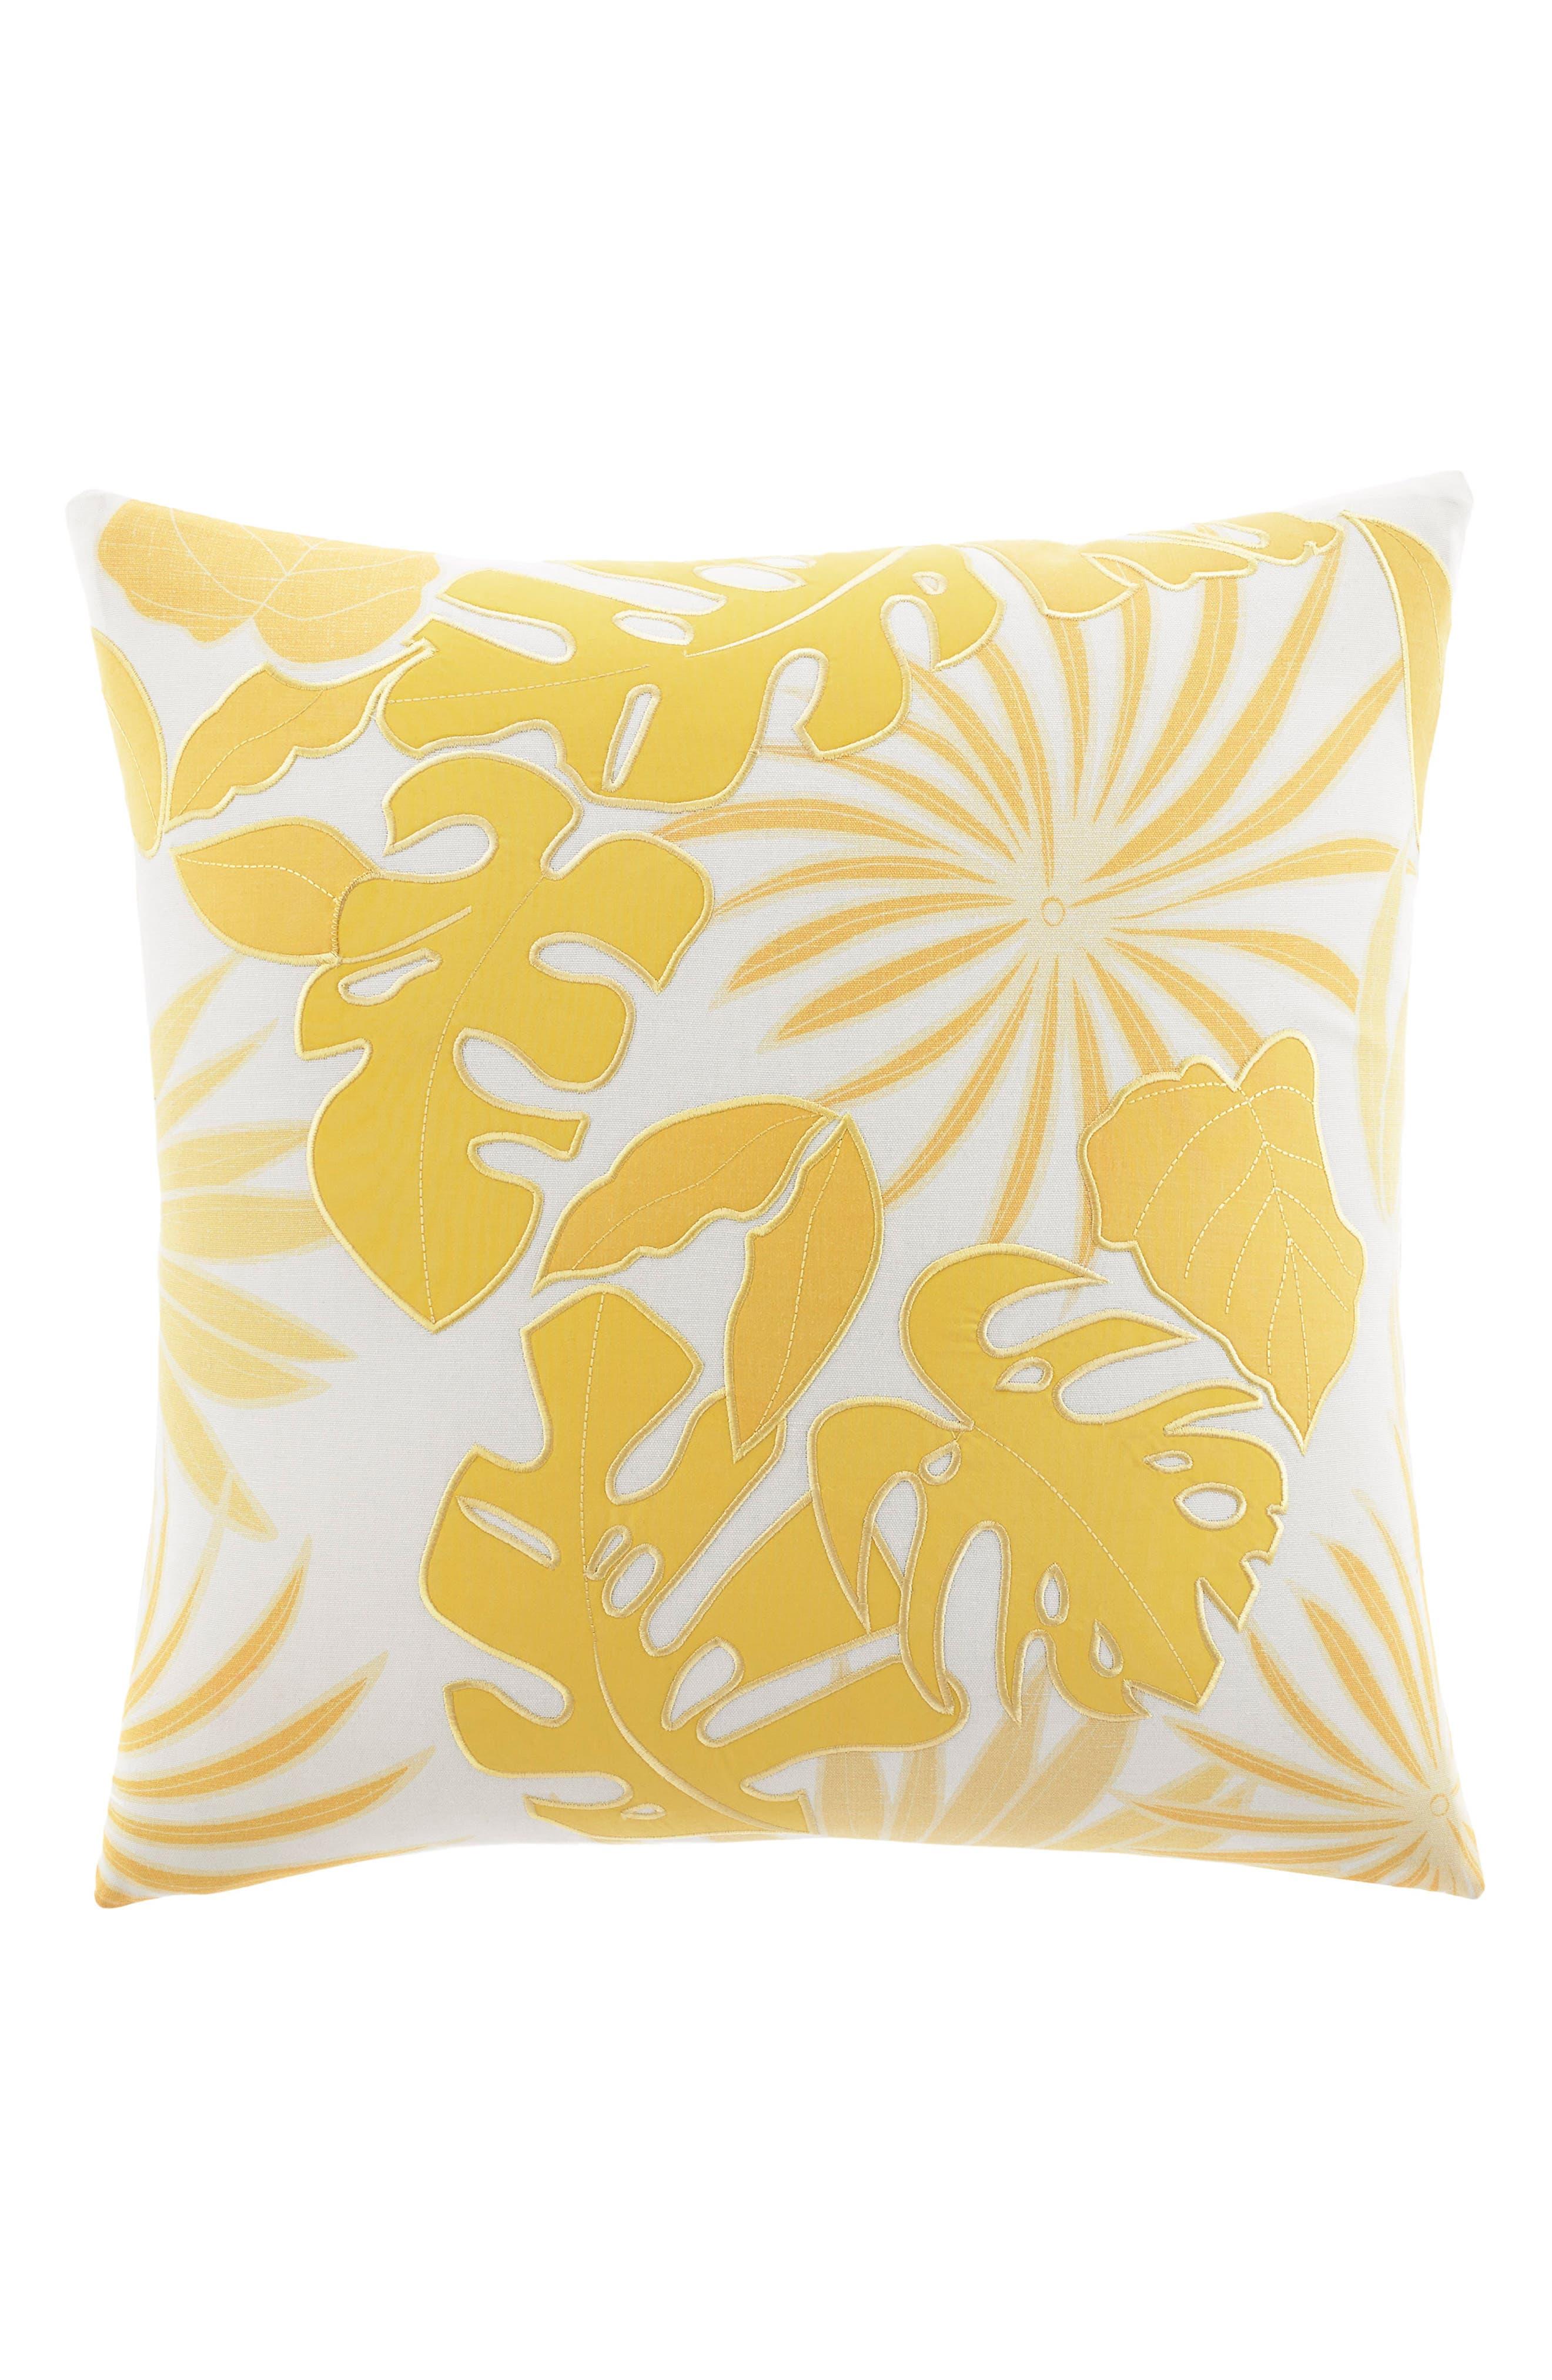 'Antique Palm' Accent Pillow,                             Alternate thumbnail 2, color,                             700